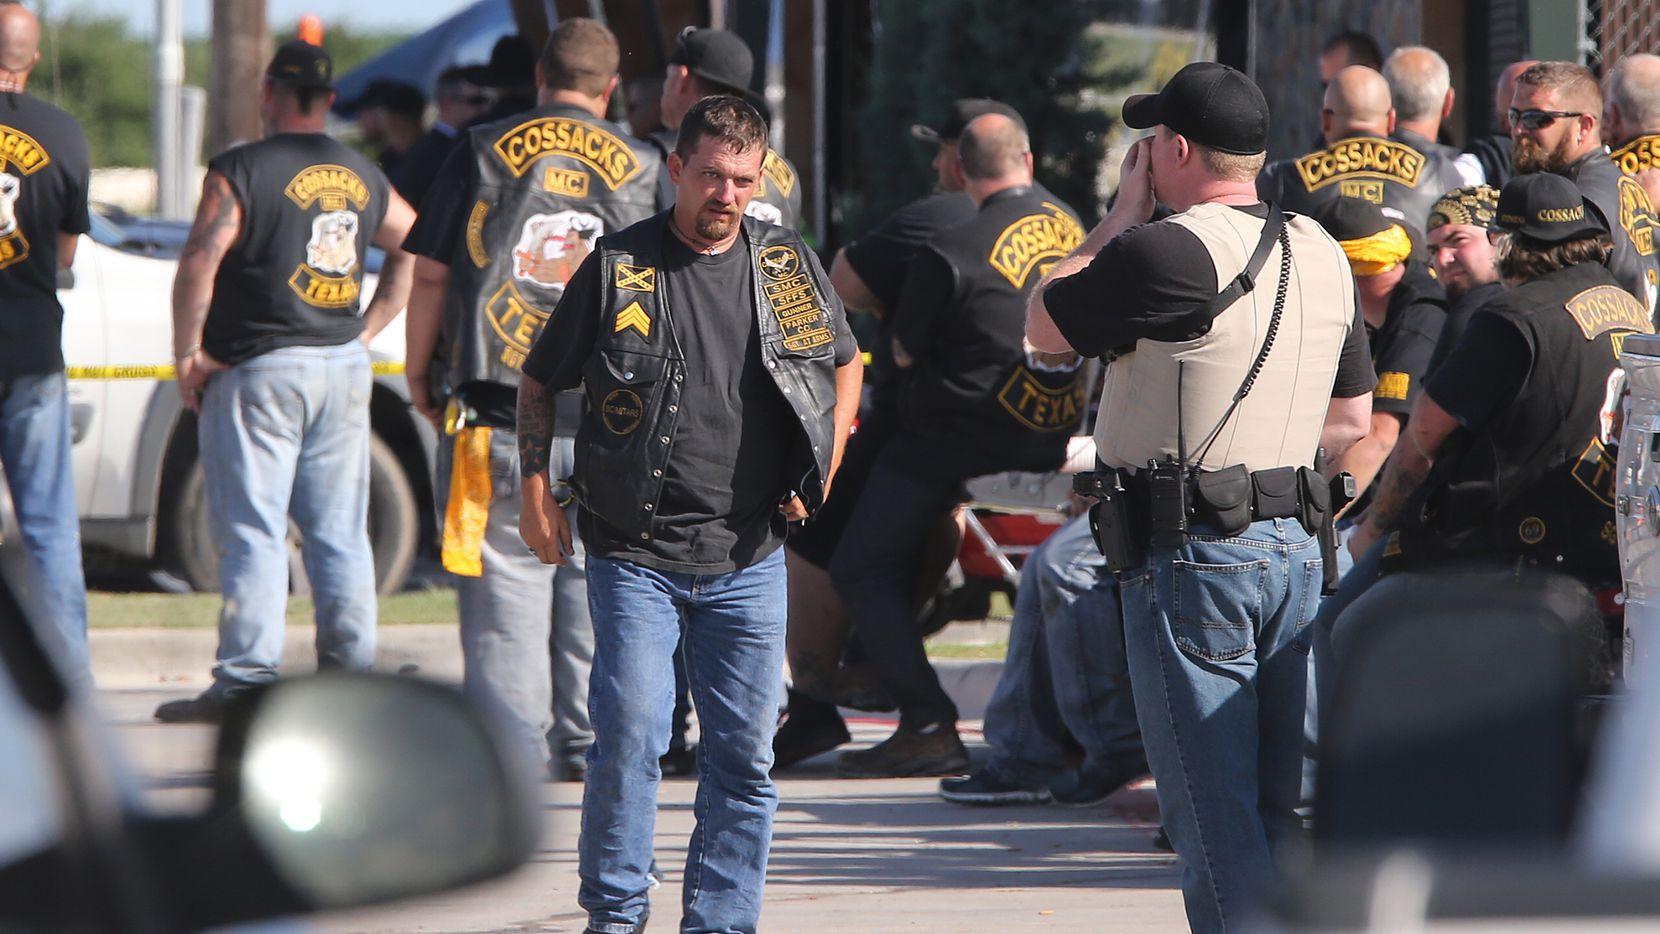 A look at biker gangs in Texas